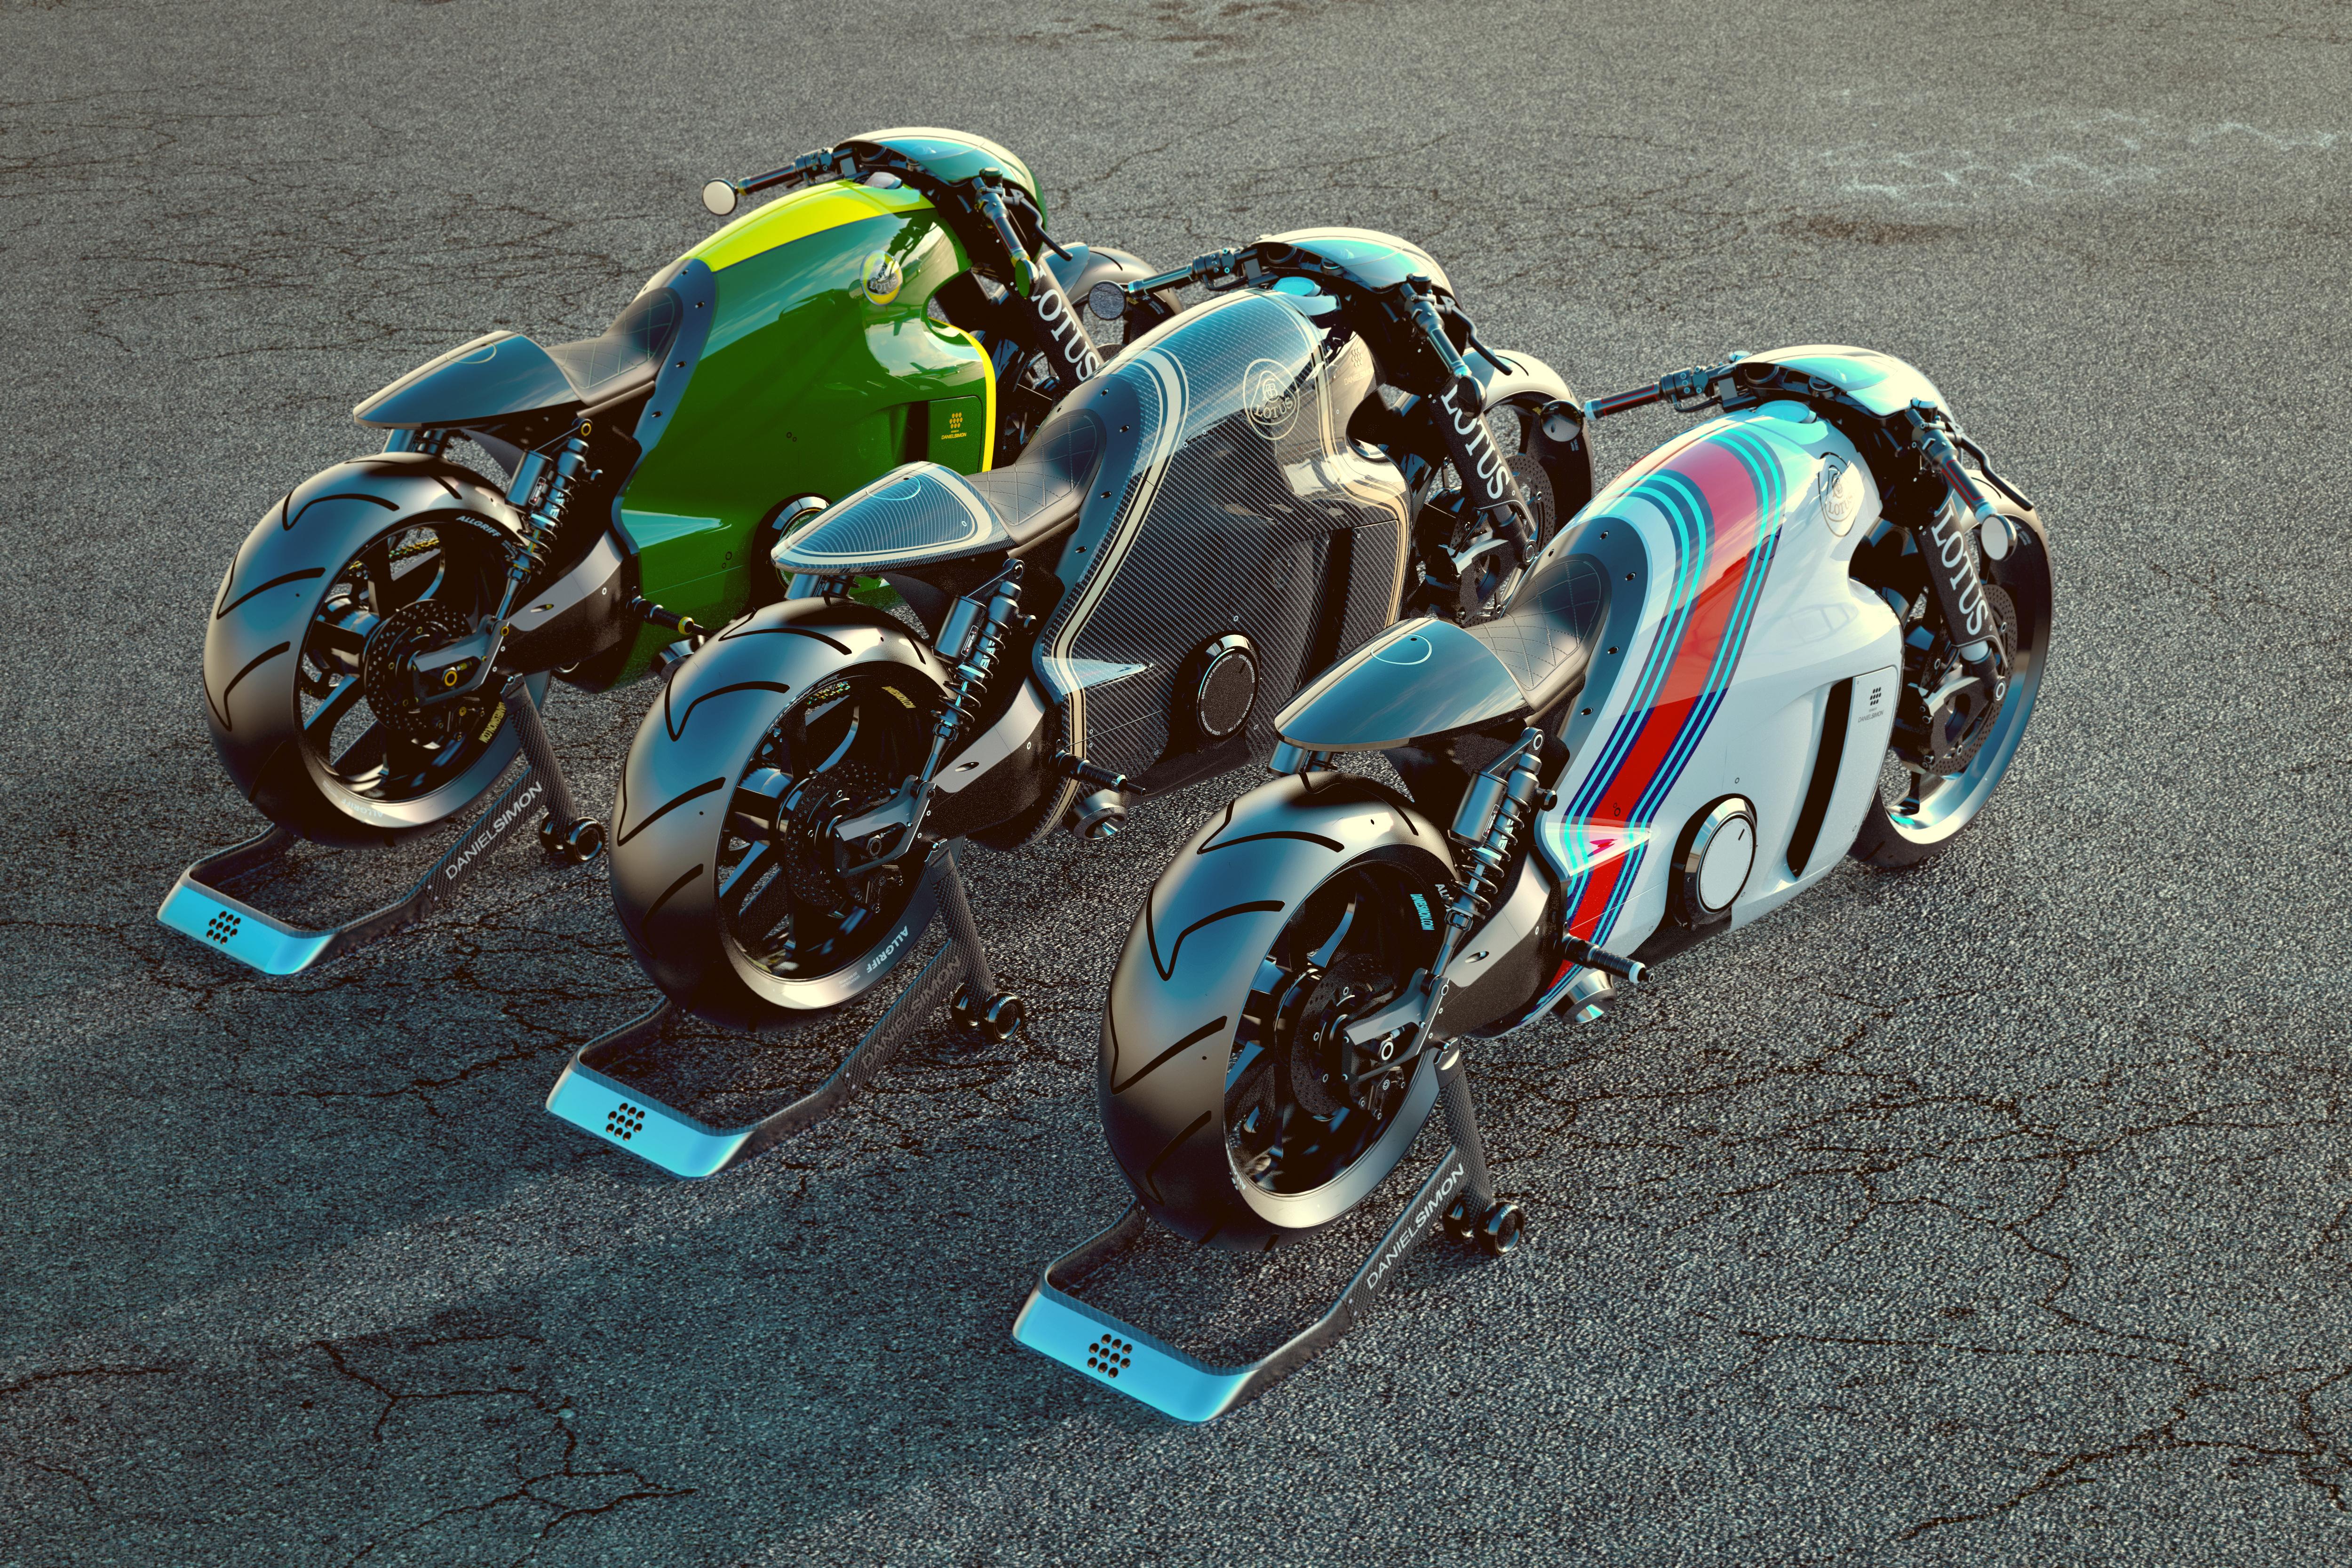 54499 Hintergrundbild herunterladen Motorräder, Motorrad, Lotus C-01, Superbike, Machen, Erbringen - Bildschirmschoner und Bilder kostenlos